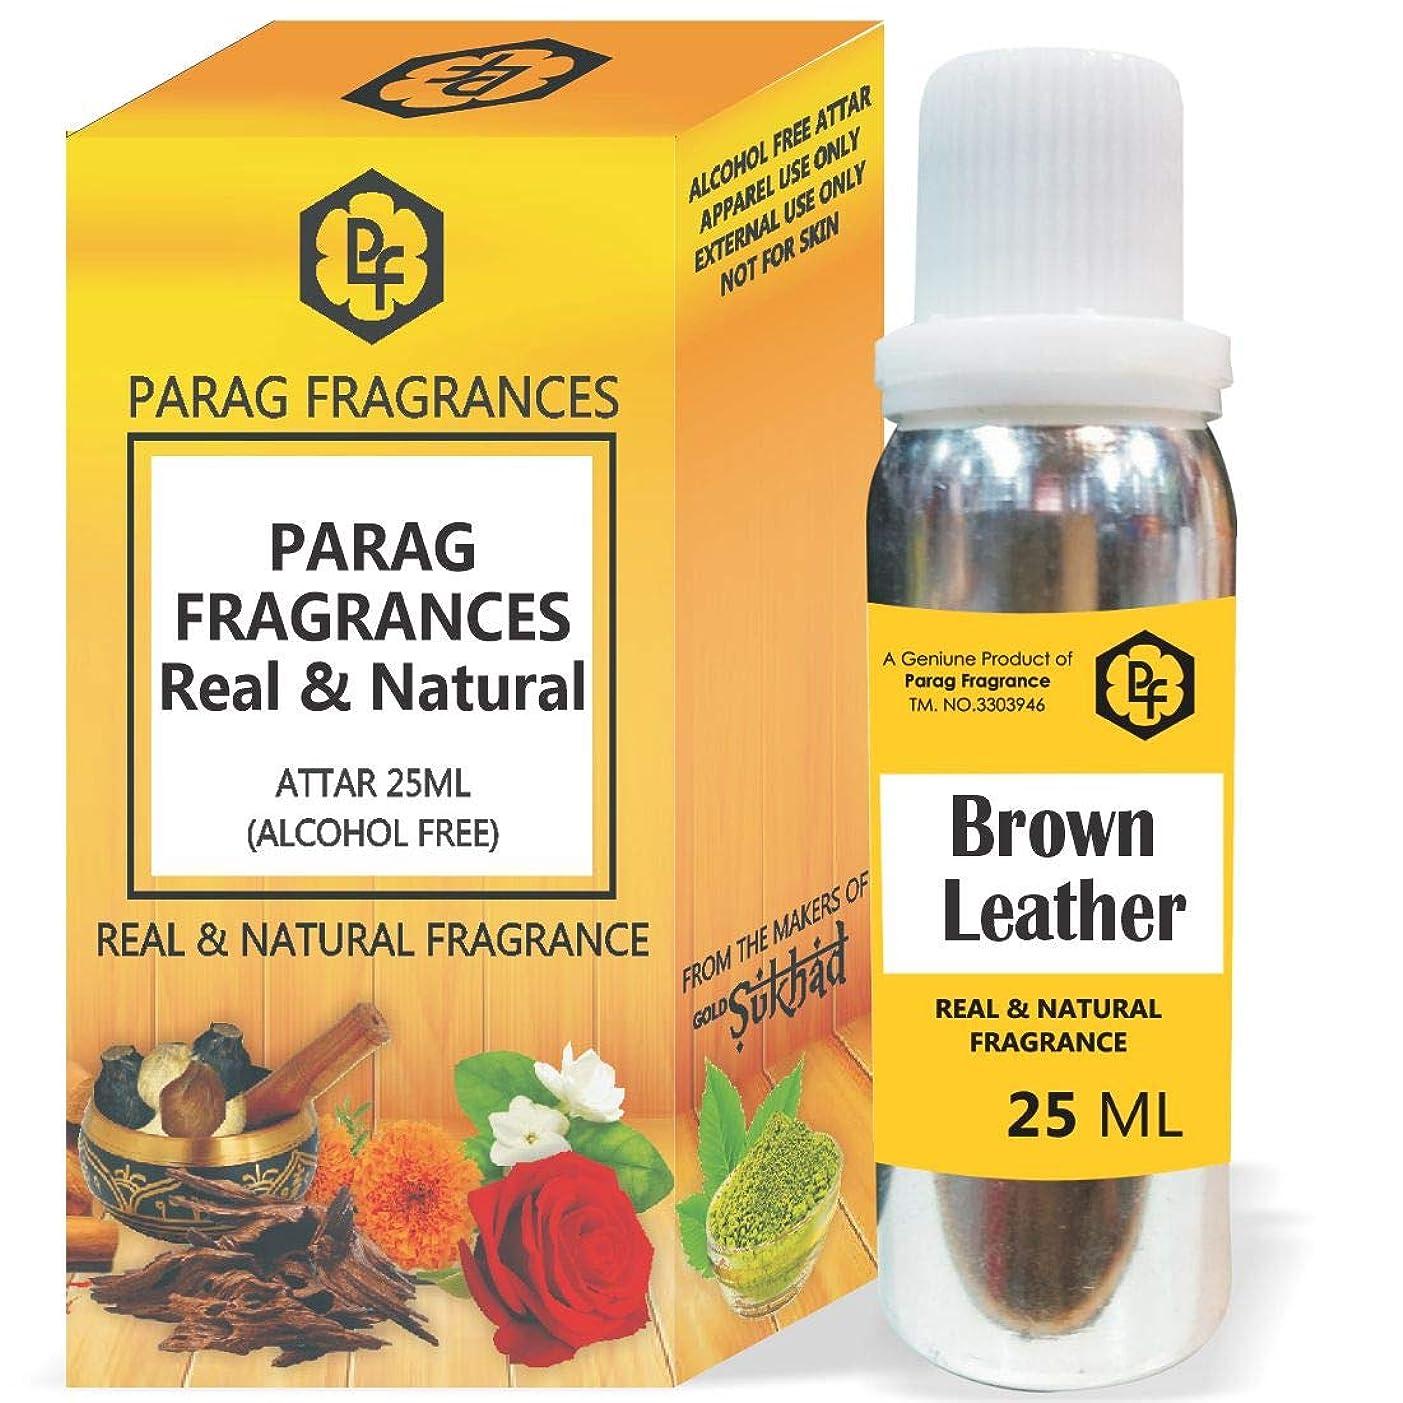 懐疑論スパン議会50/100/200/500パック内のParagフレグランス25ミリリットルファンシー空き瓶(アルコールフリー、ロングラスティング、自然アター)付きブラウンレザーアターは、他のエディション